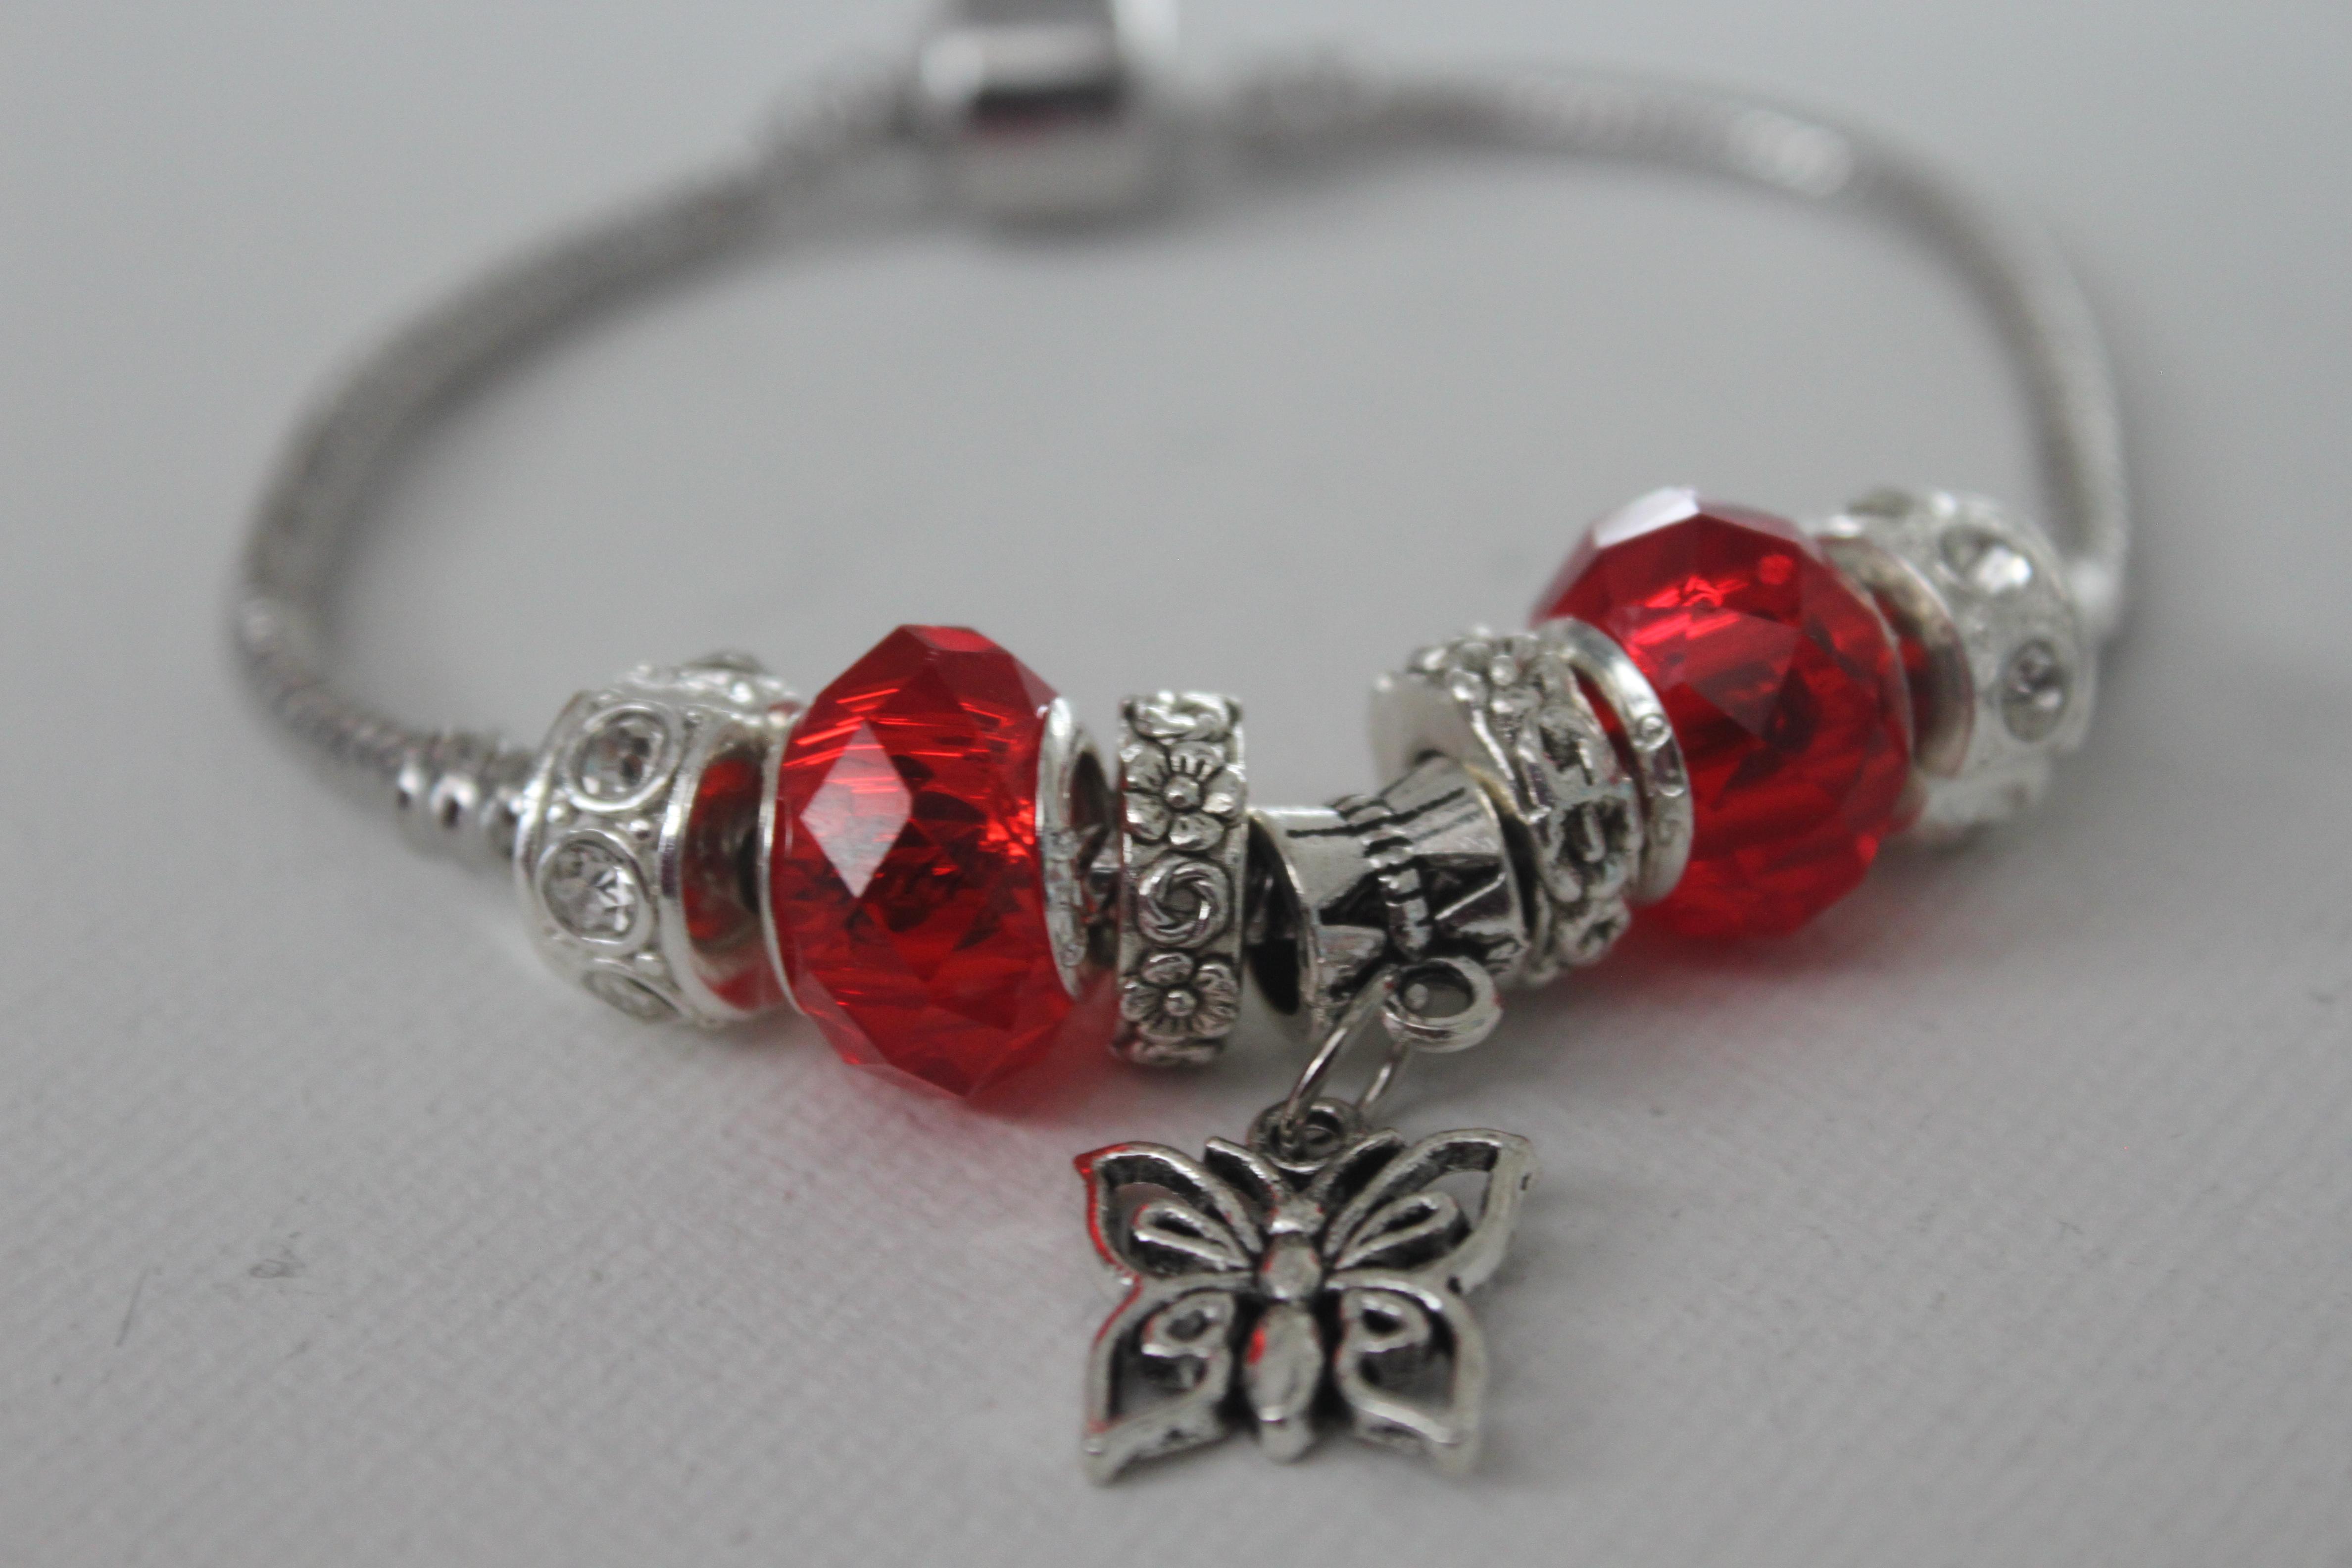 Butterfly charm bracelet in red